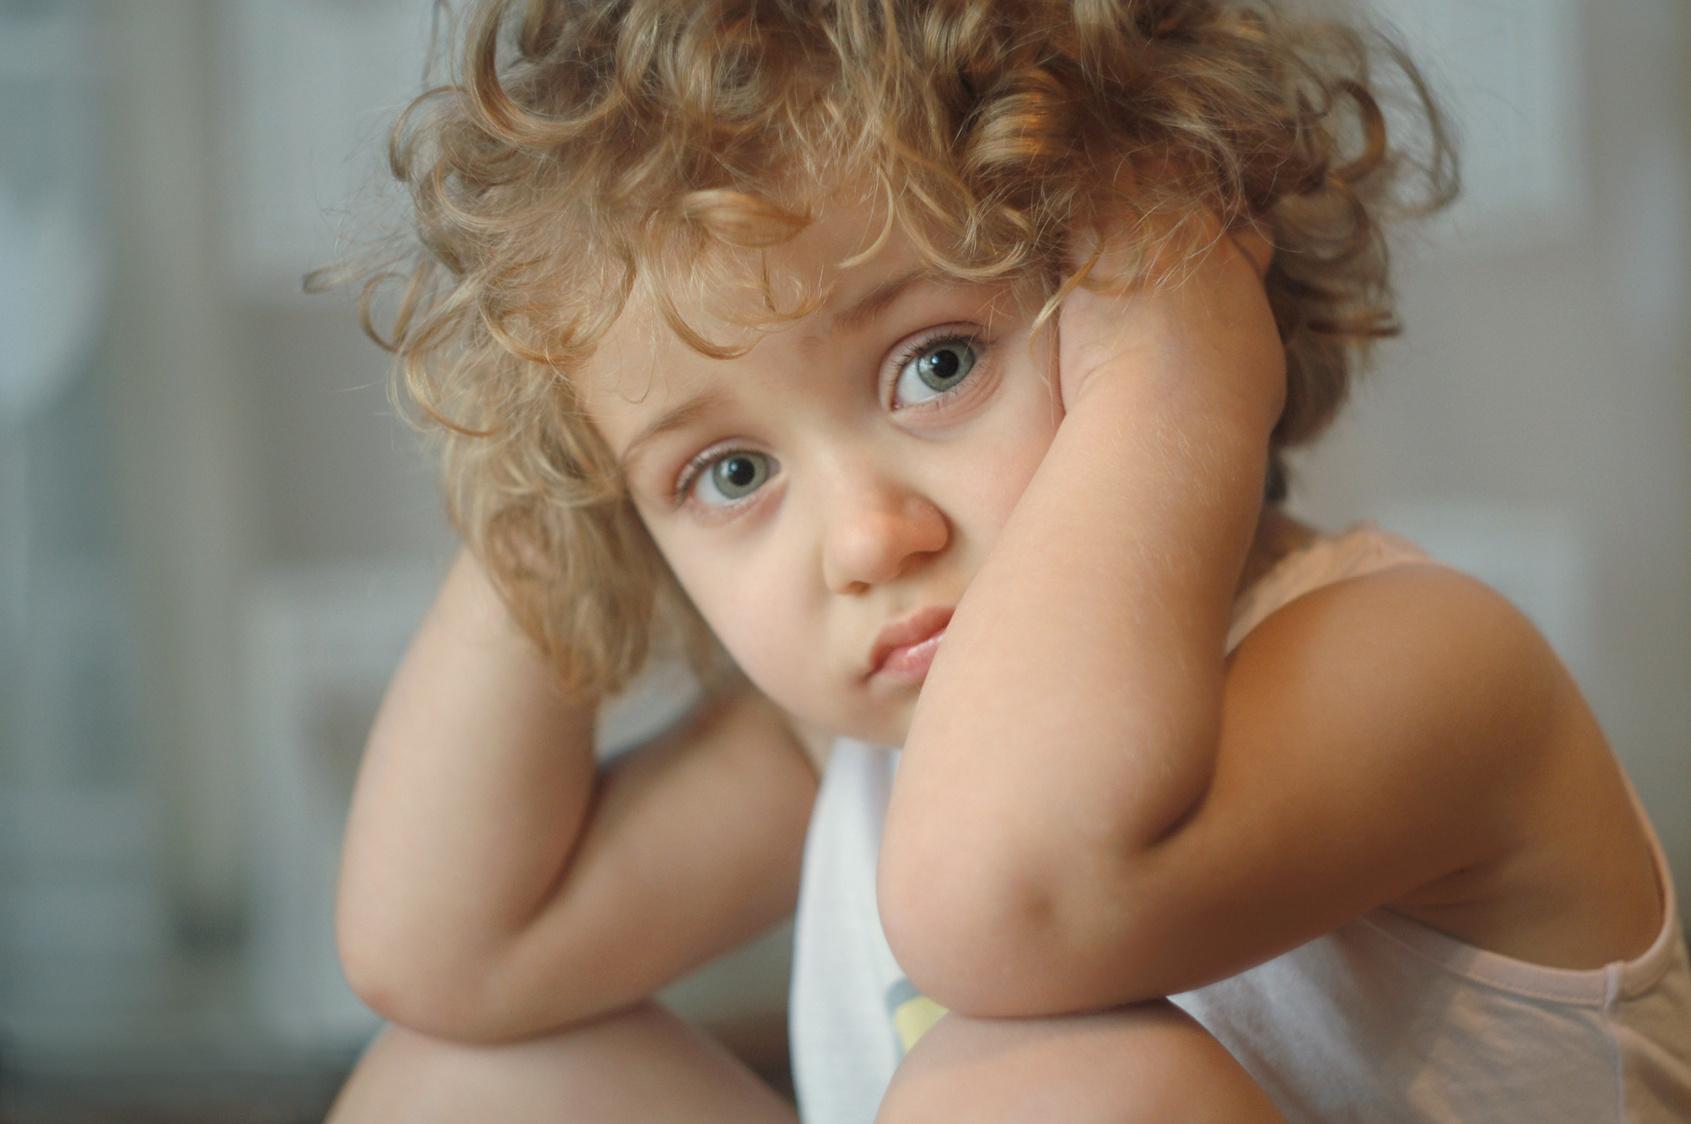 Sad-child-photo